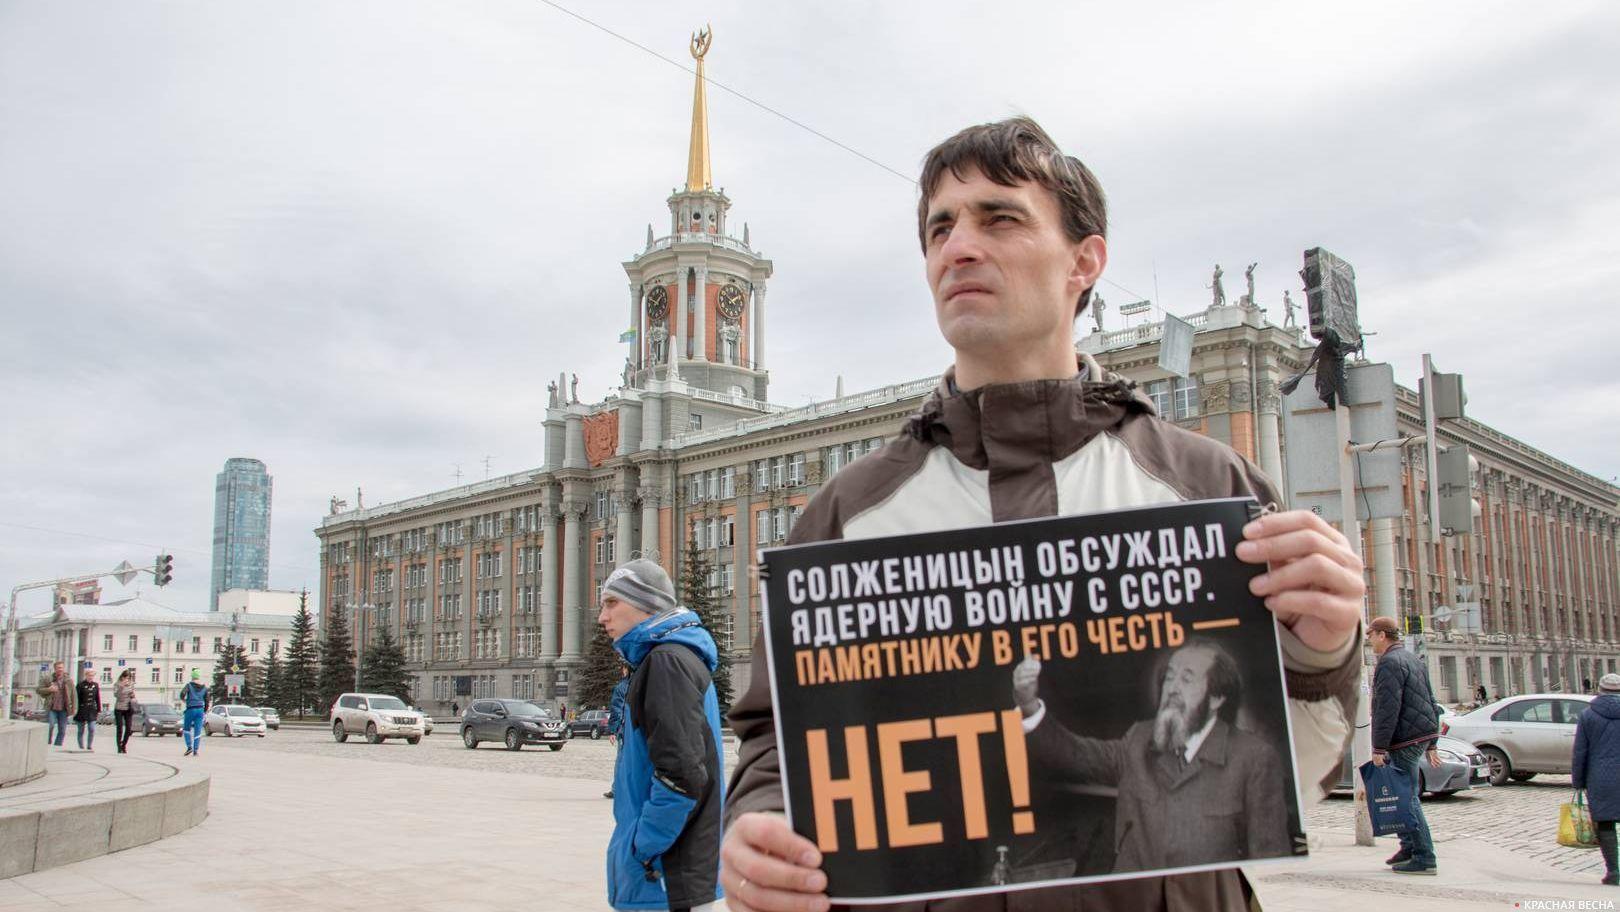 Пикет против восхваления Солженицына-. Екатеринбург. 28.04.2018